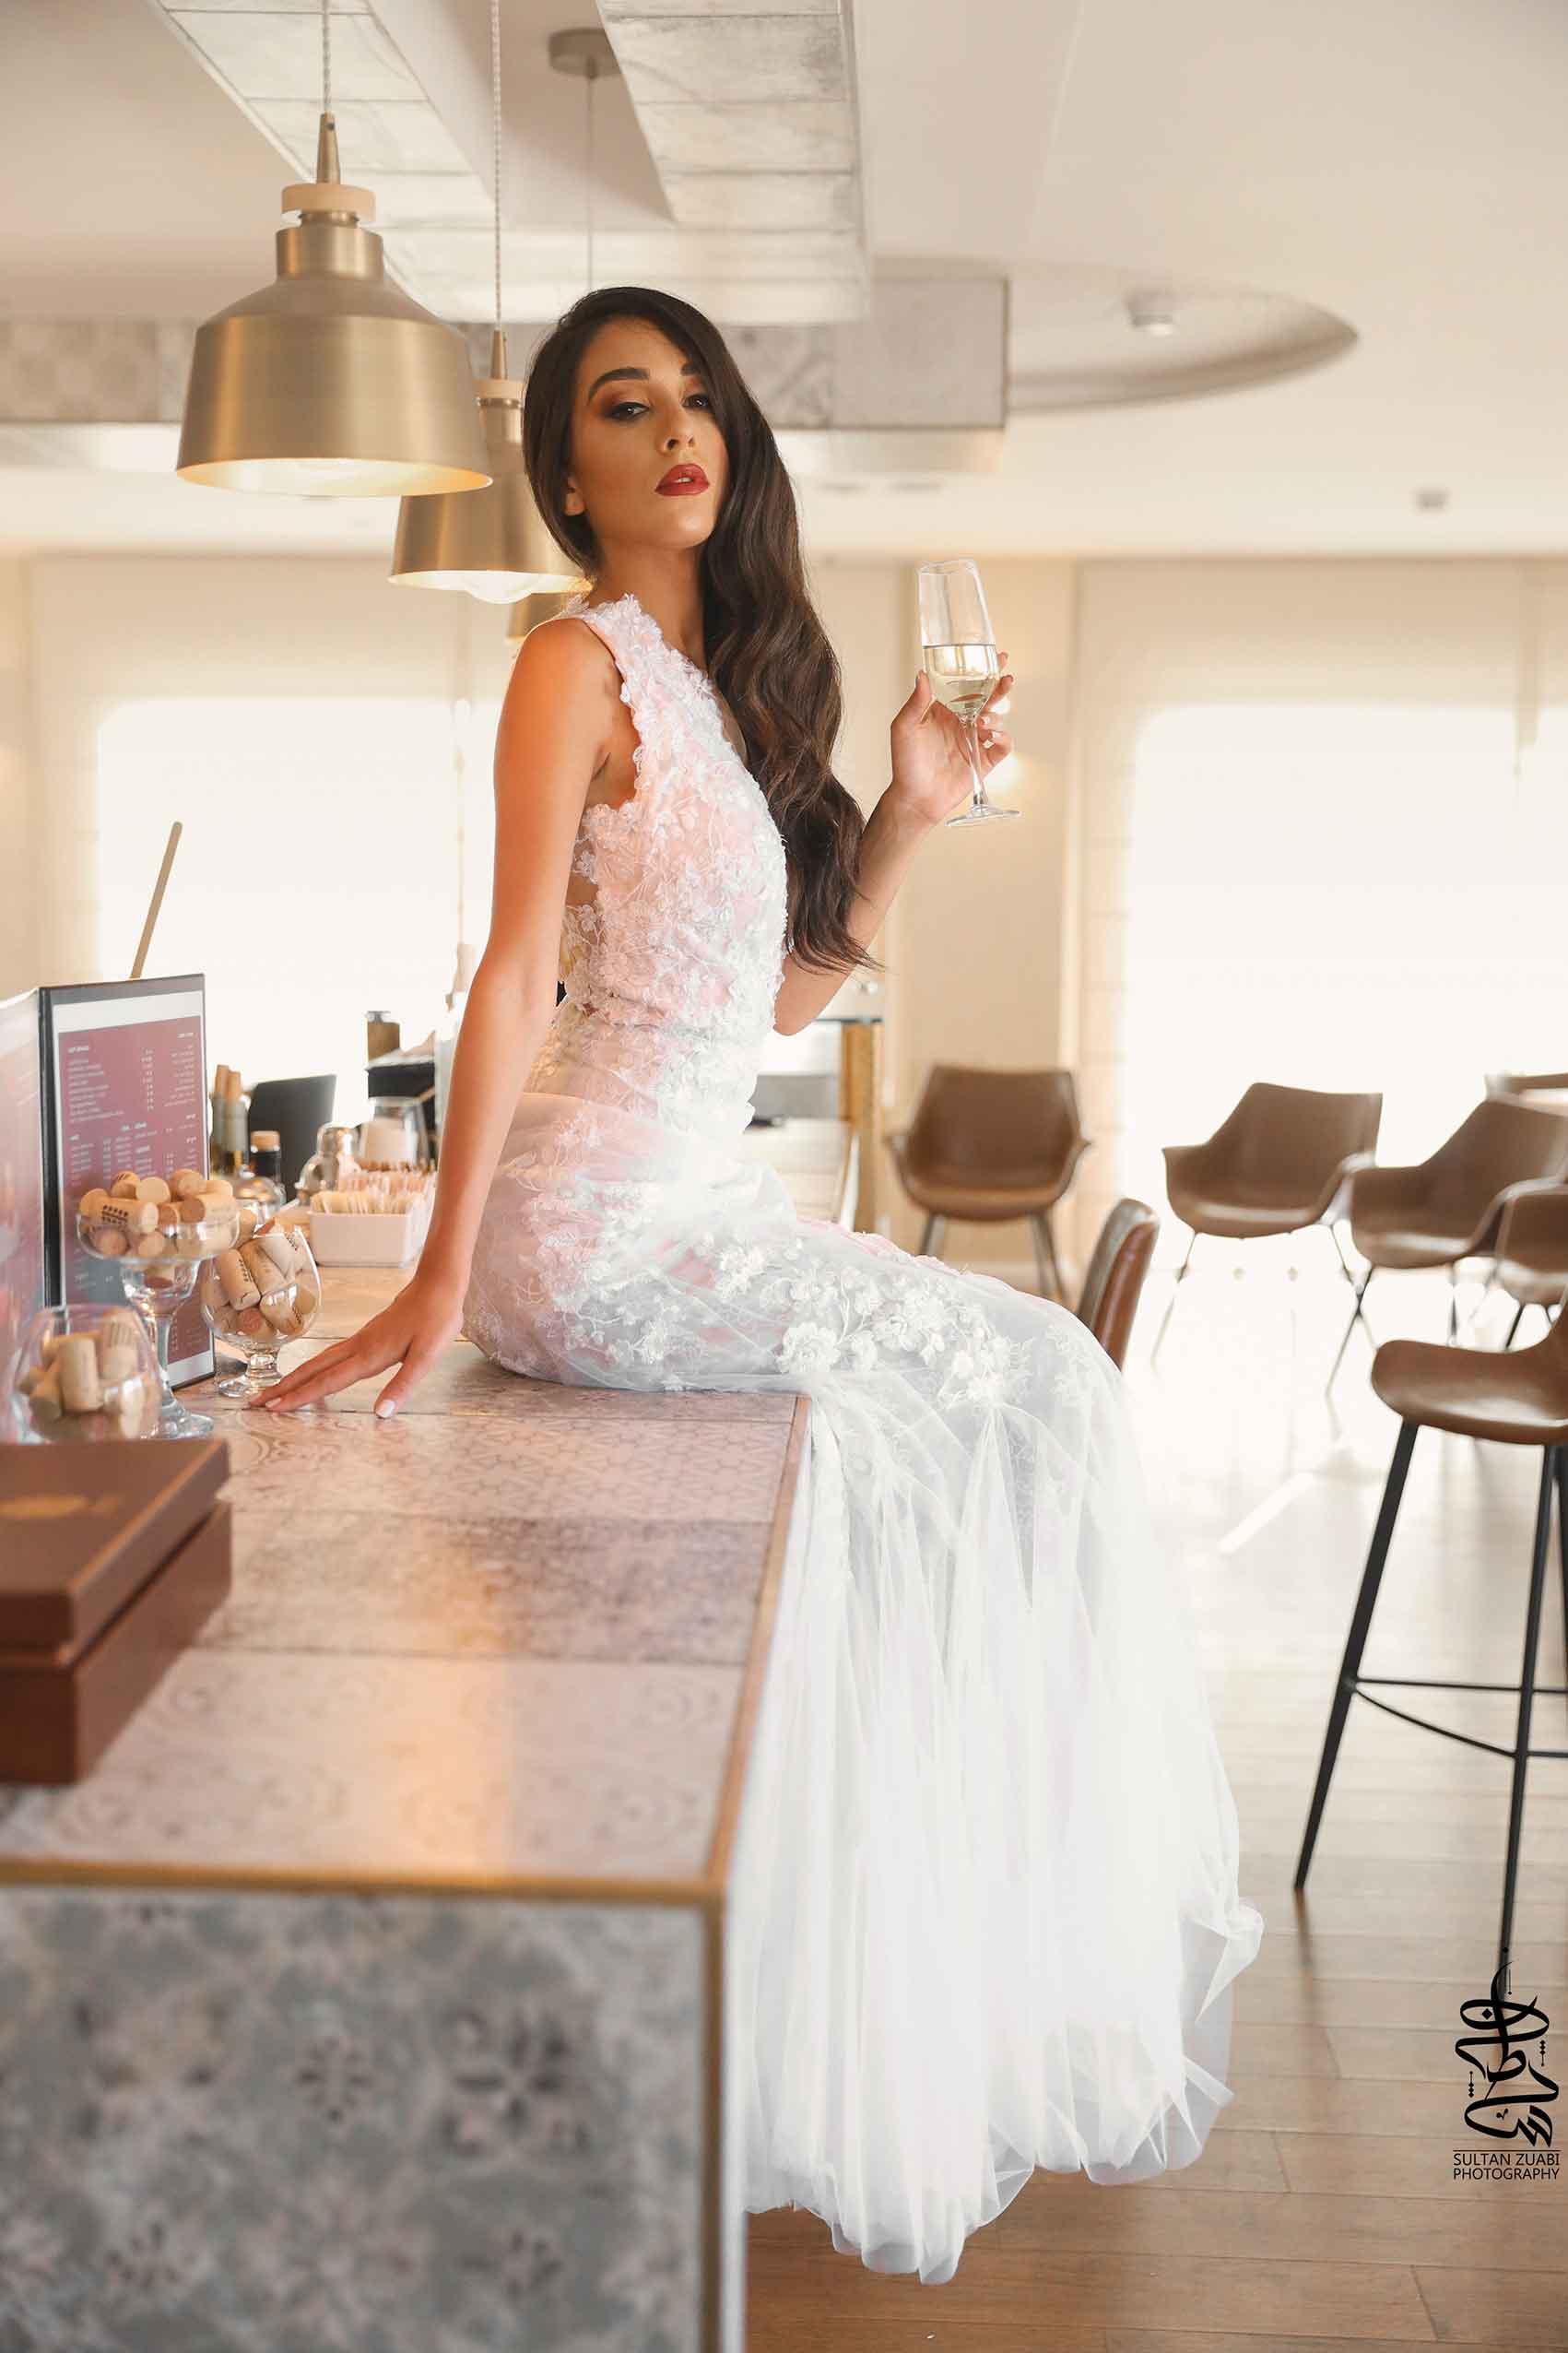 חנאן-אחמד-קולקציית-שמלות-כלה-קיץ-2020-מגזין-אופנה-162